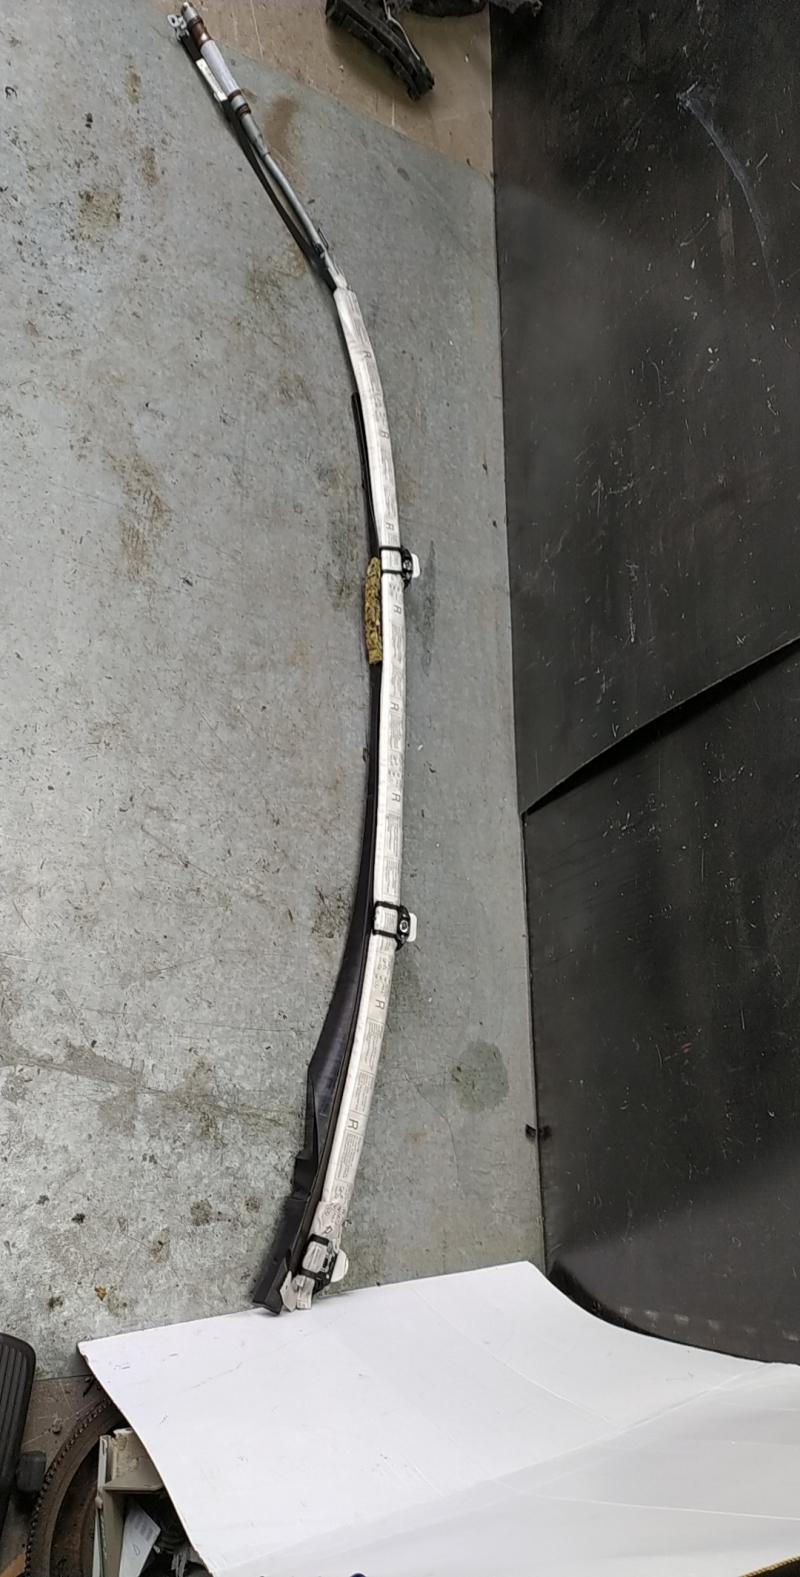 Airbag cortina dto (20242354).